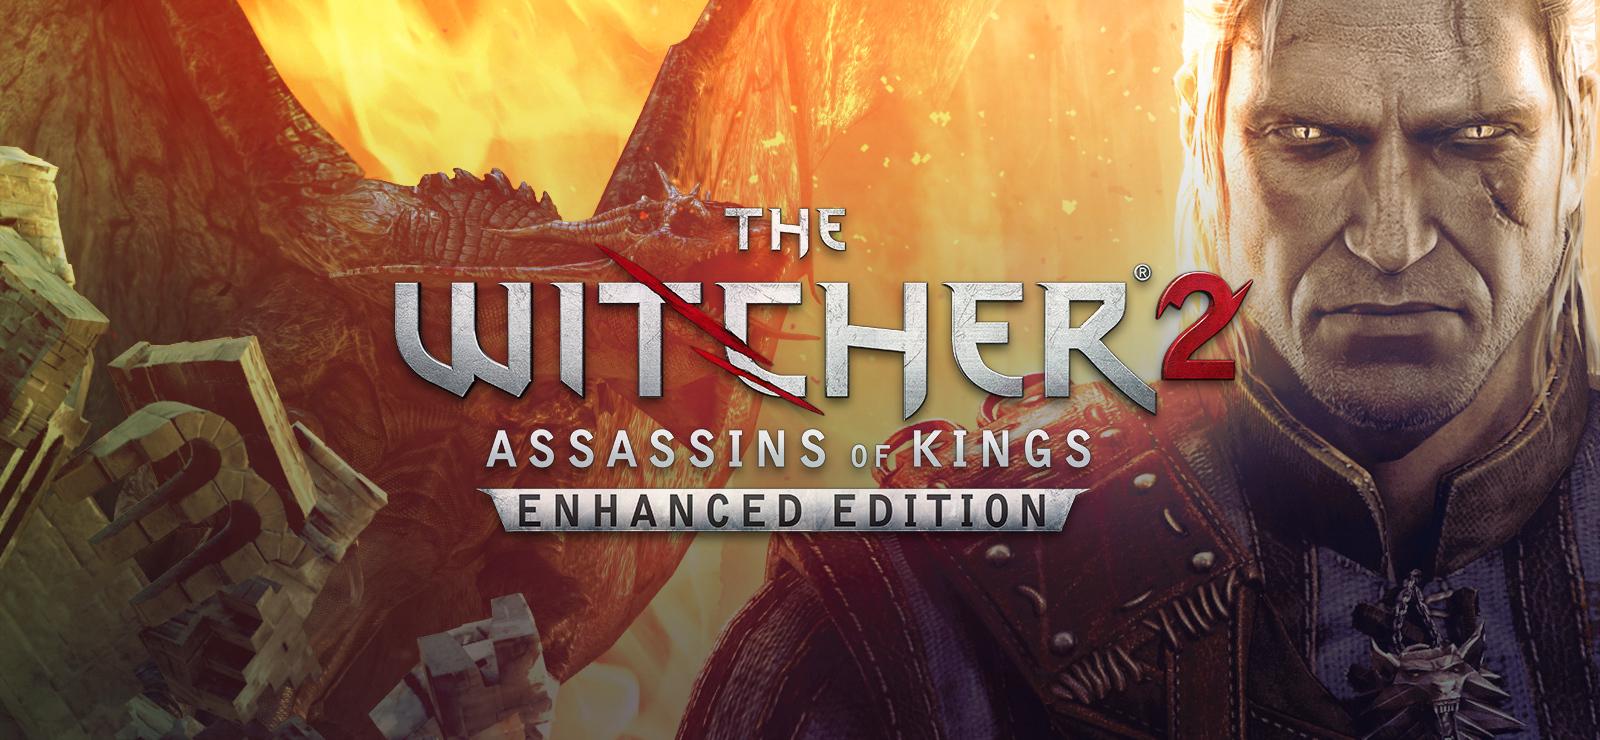 Jeu The Witcher 2: Assassins of Kings - Enhanced Edition sur PC (Dématérialisé - DRM-Free)